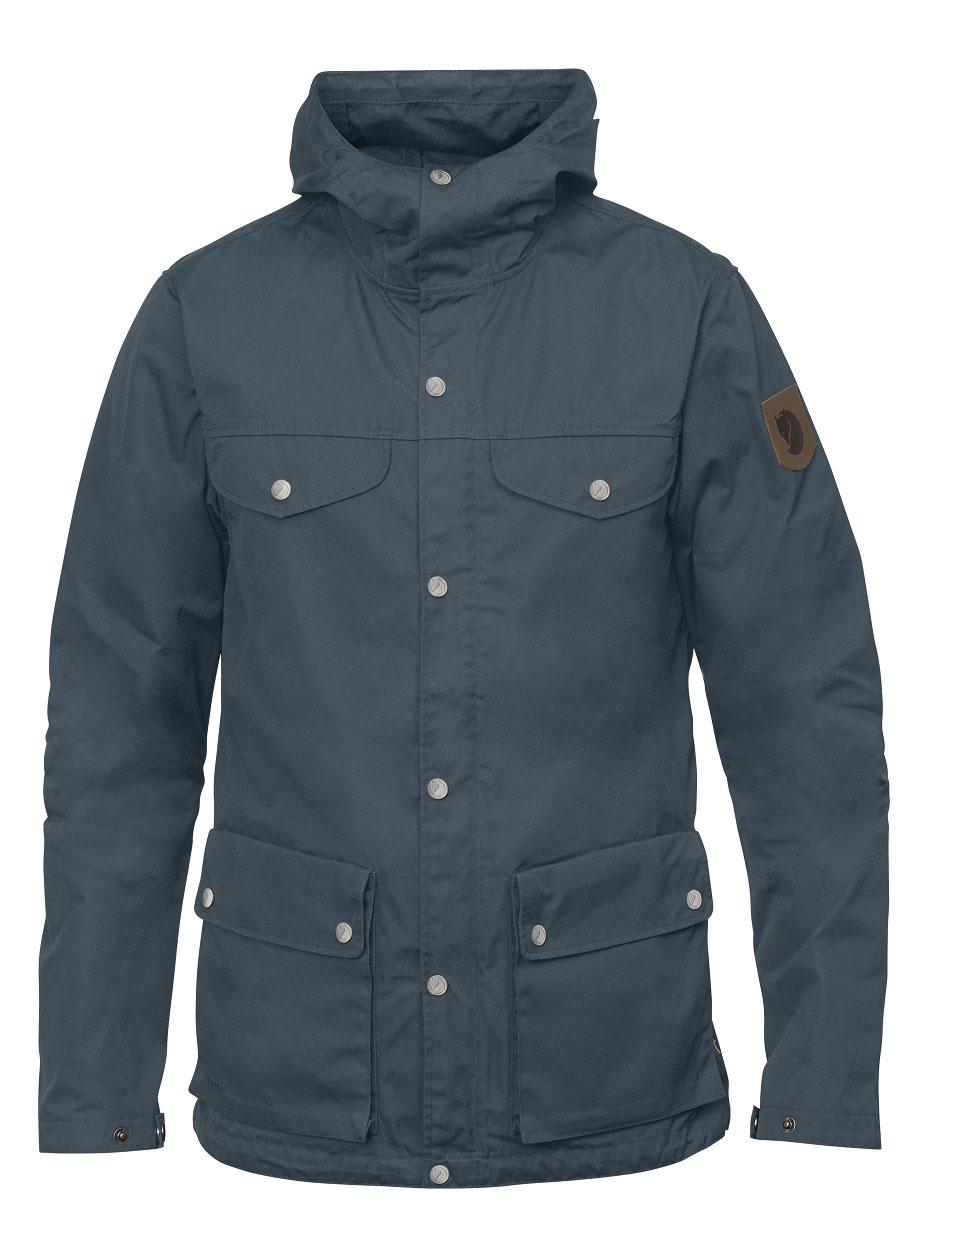 Die Greenland Jacke der schwedischen Outdoor-Marke Fjällräven zählt zu den beliebten Klassikern unter Naturliebhabern und ist hier in dunklem Blau-Grün als Freisteller zu sehen.